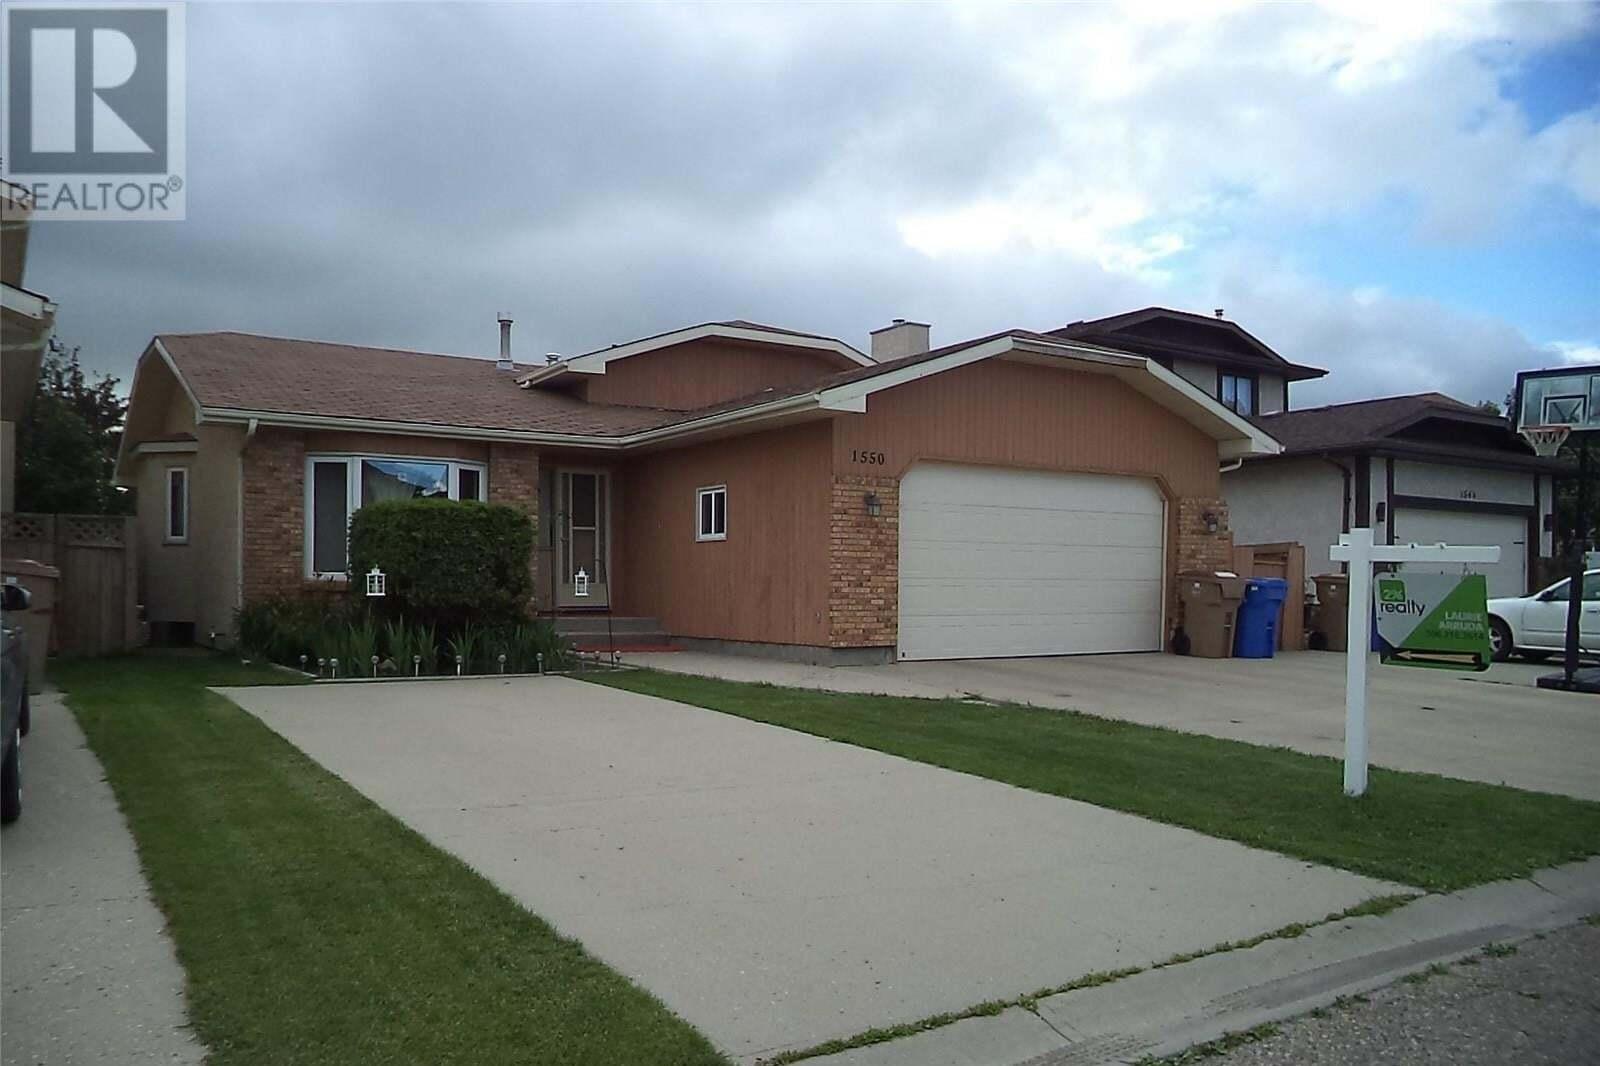 House for sale at 1550 Mcdermid By N Regina Saskatchewan - MLS: SK815502